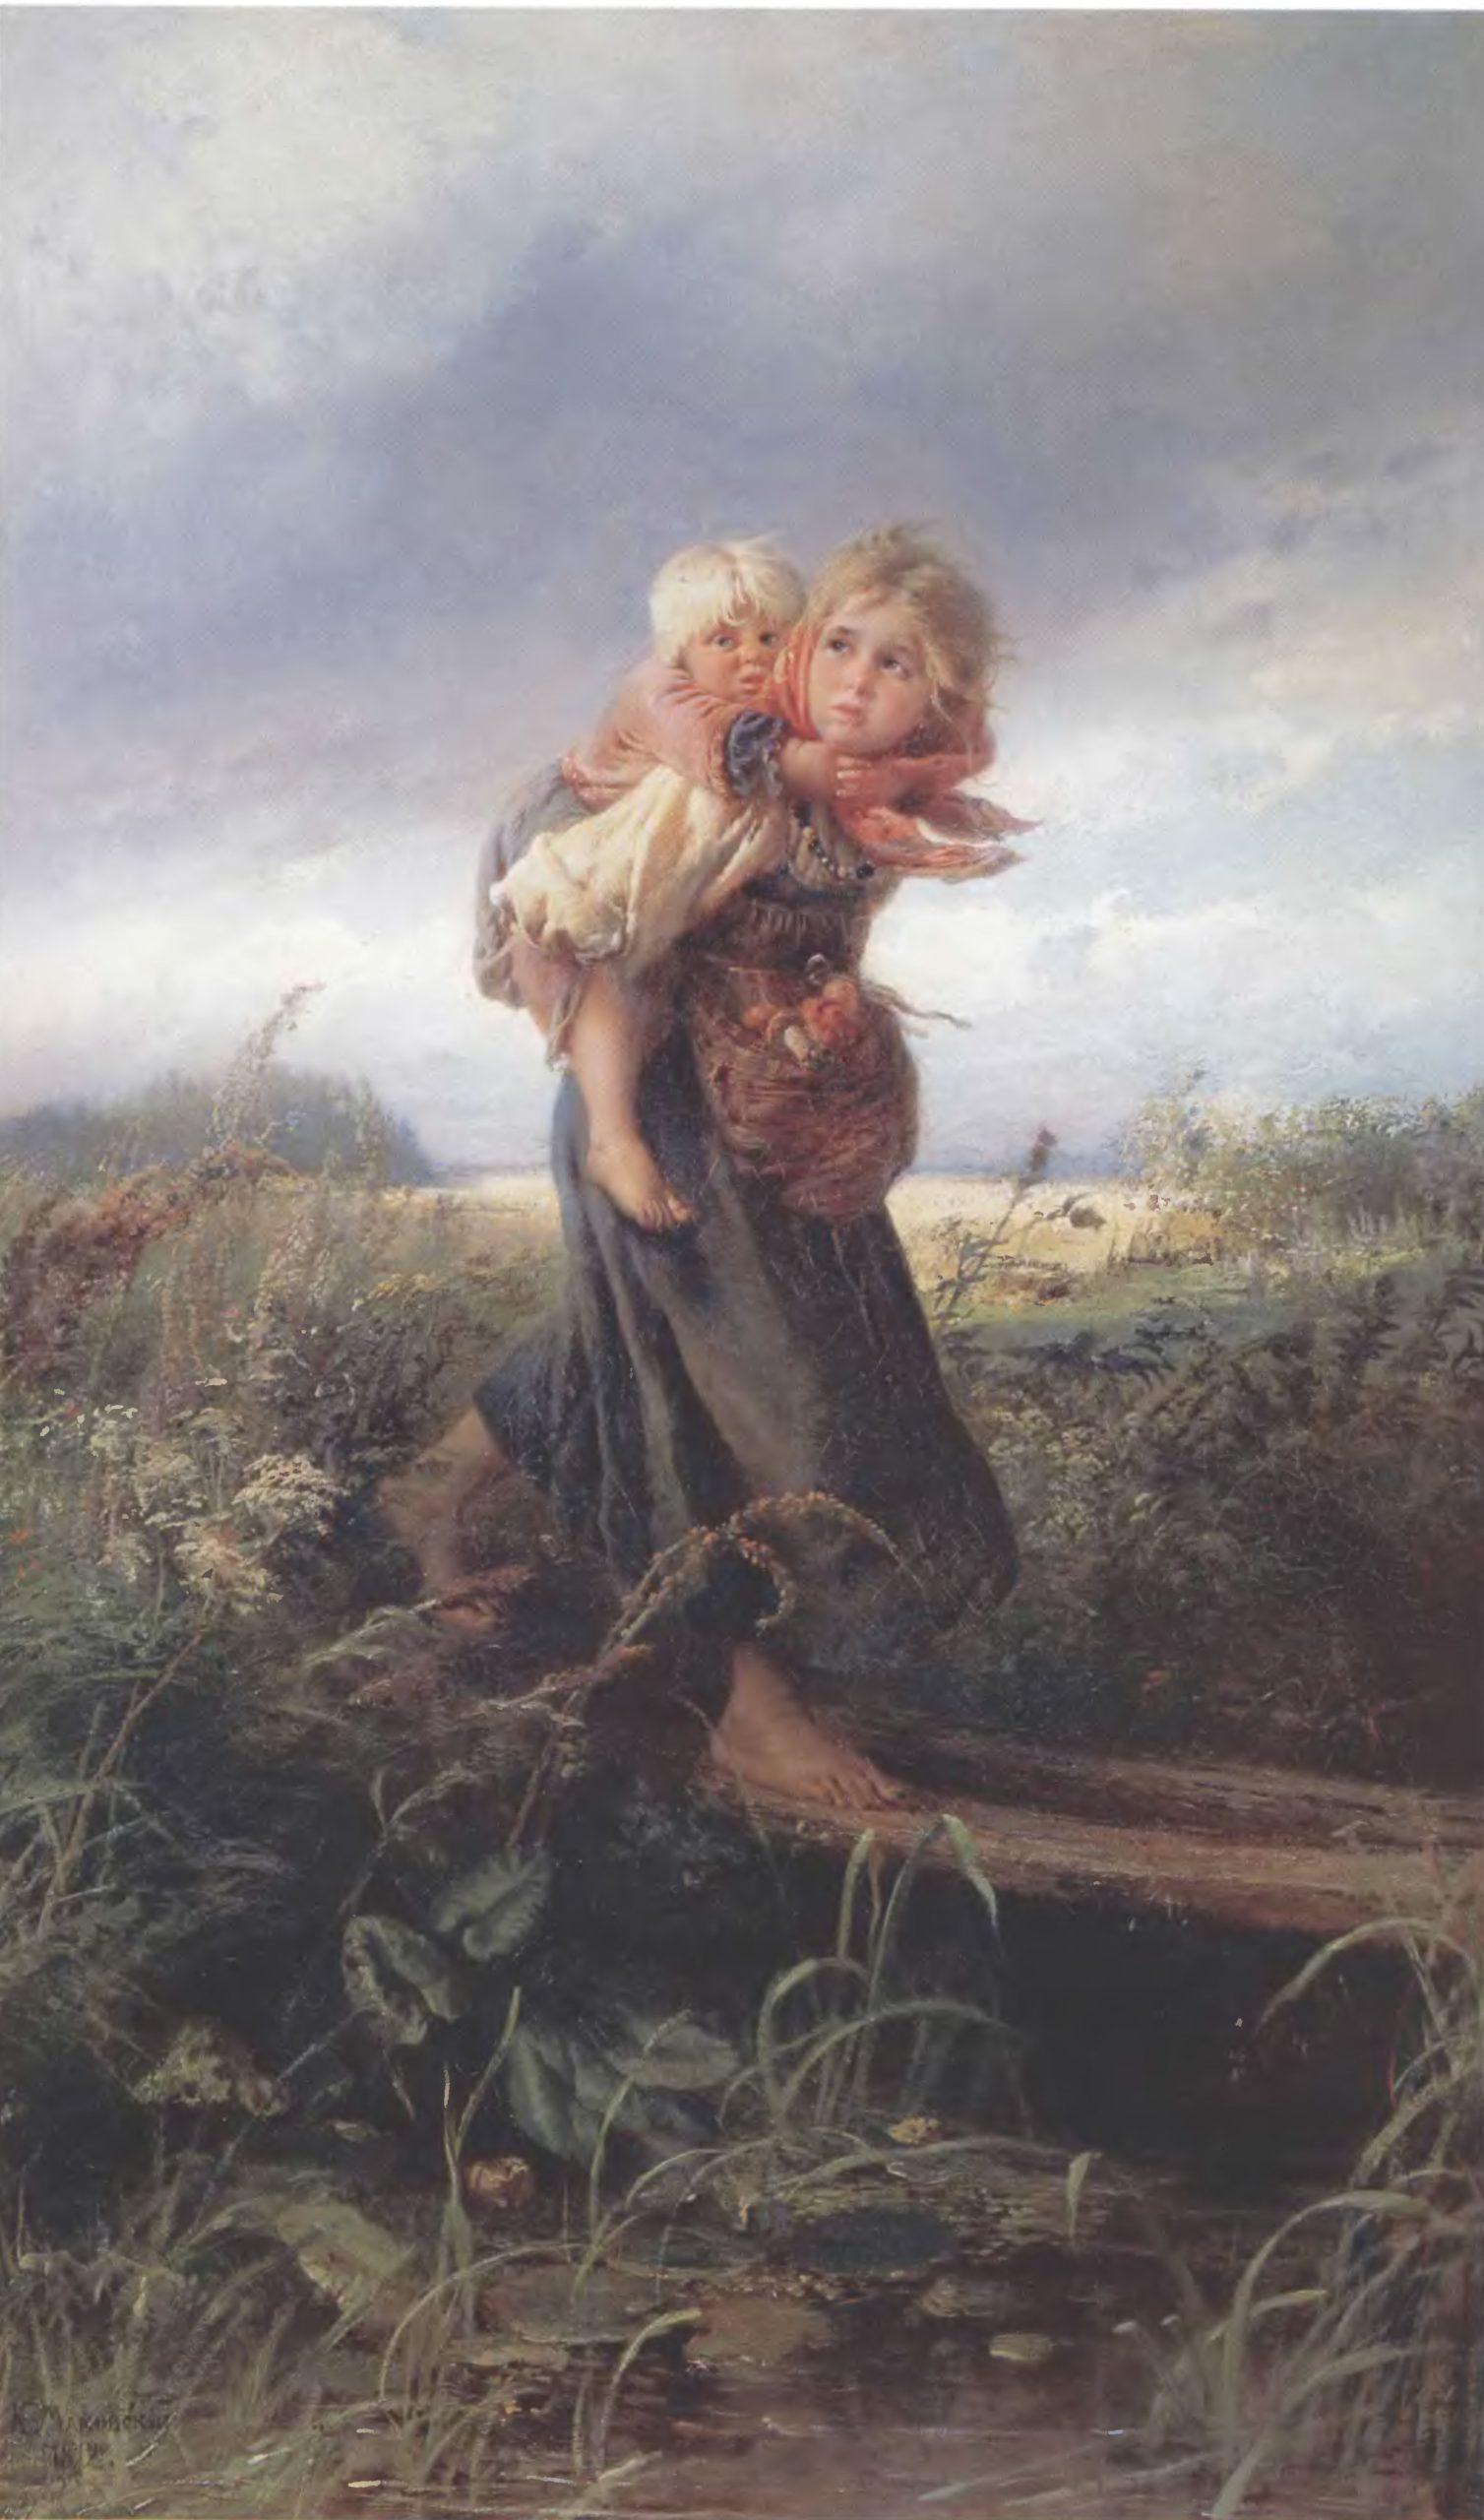 КОНСТАНТИН МАКОВСКИЙ. Дети, бегущие от грозы. 1872. Холст, масло. 167 х 102 см. Государственная Третьяковская галерея